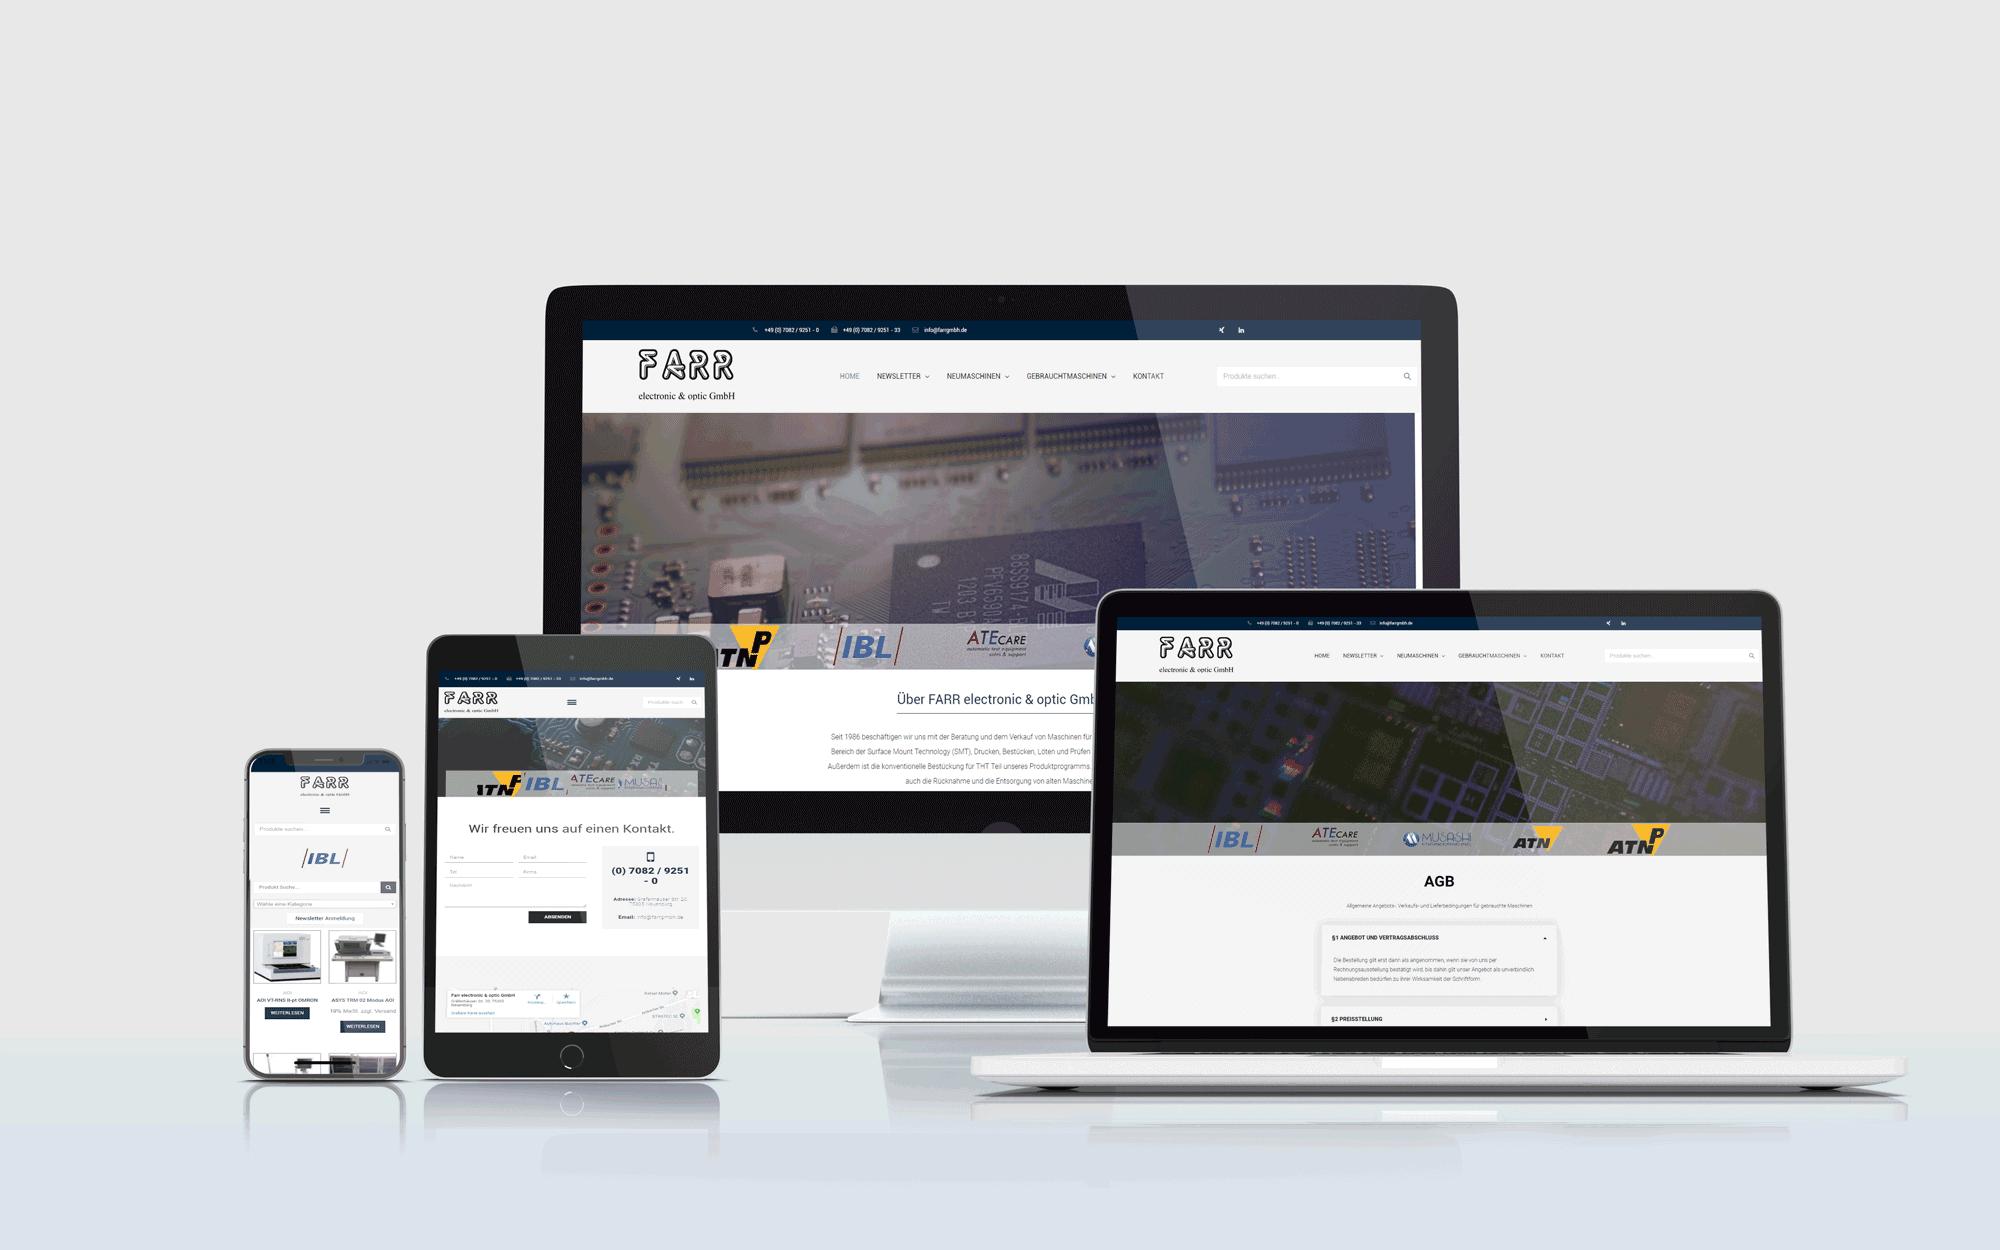 mockup-farrgmbh-liebespixel-agentur-kirchheim-webdesign-onlineshop-design-webseite